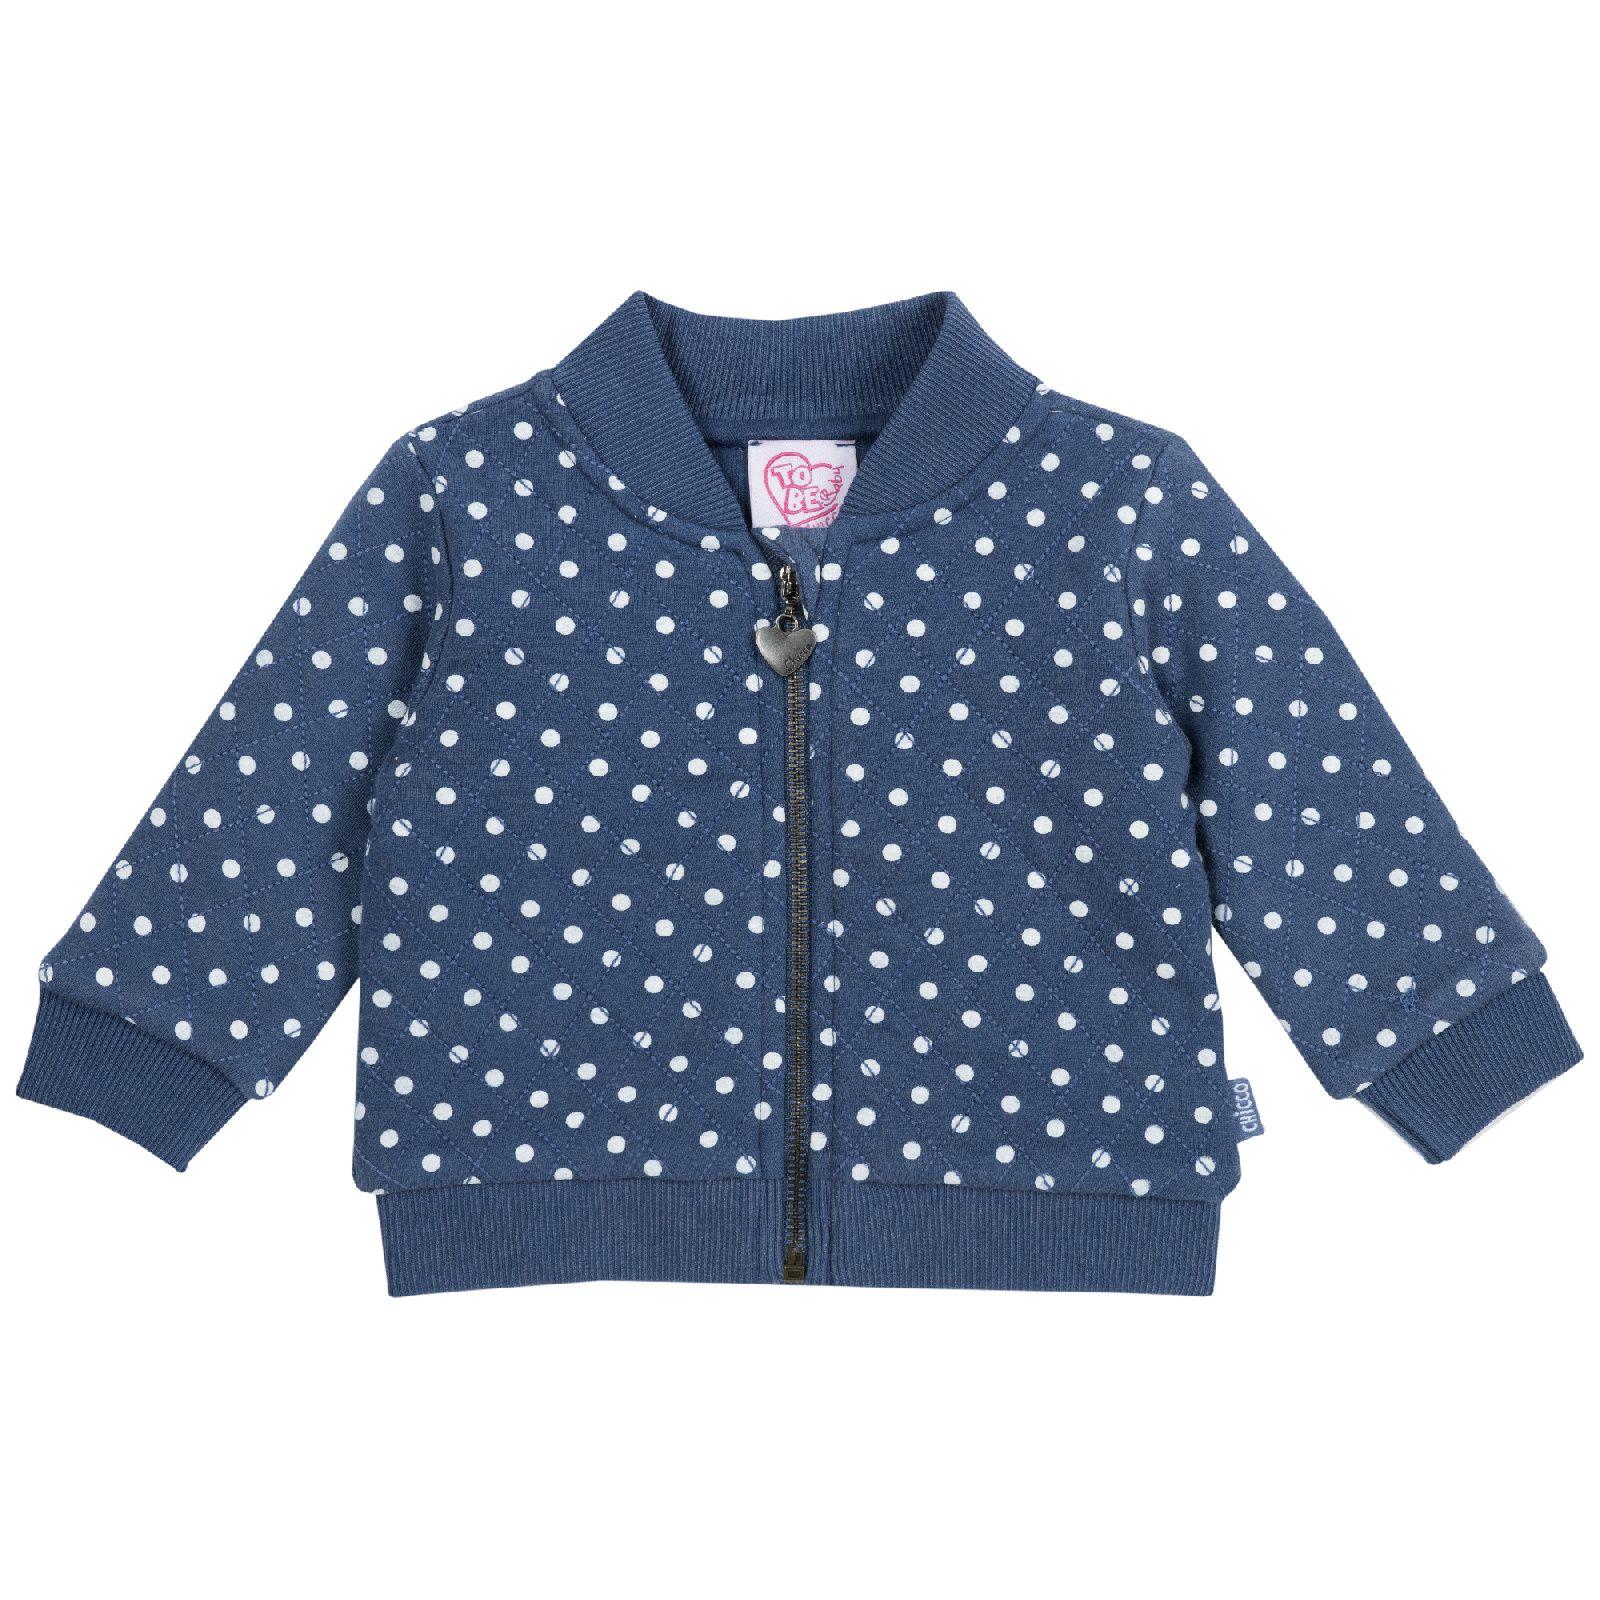 Купить 909666785, Толстовка Chicco р.104 цвет синий в белый горох, Толстовки для девочек